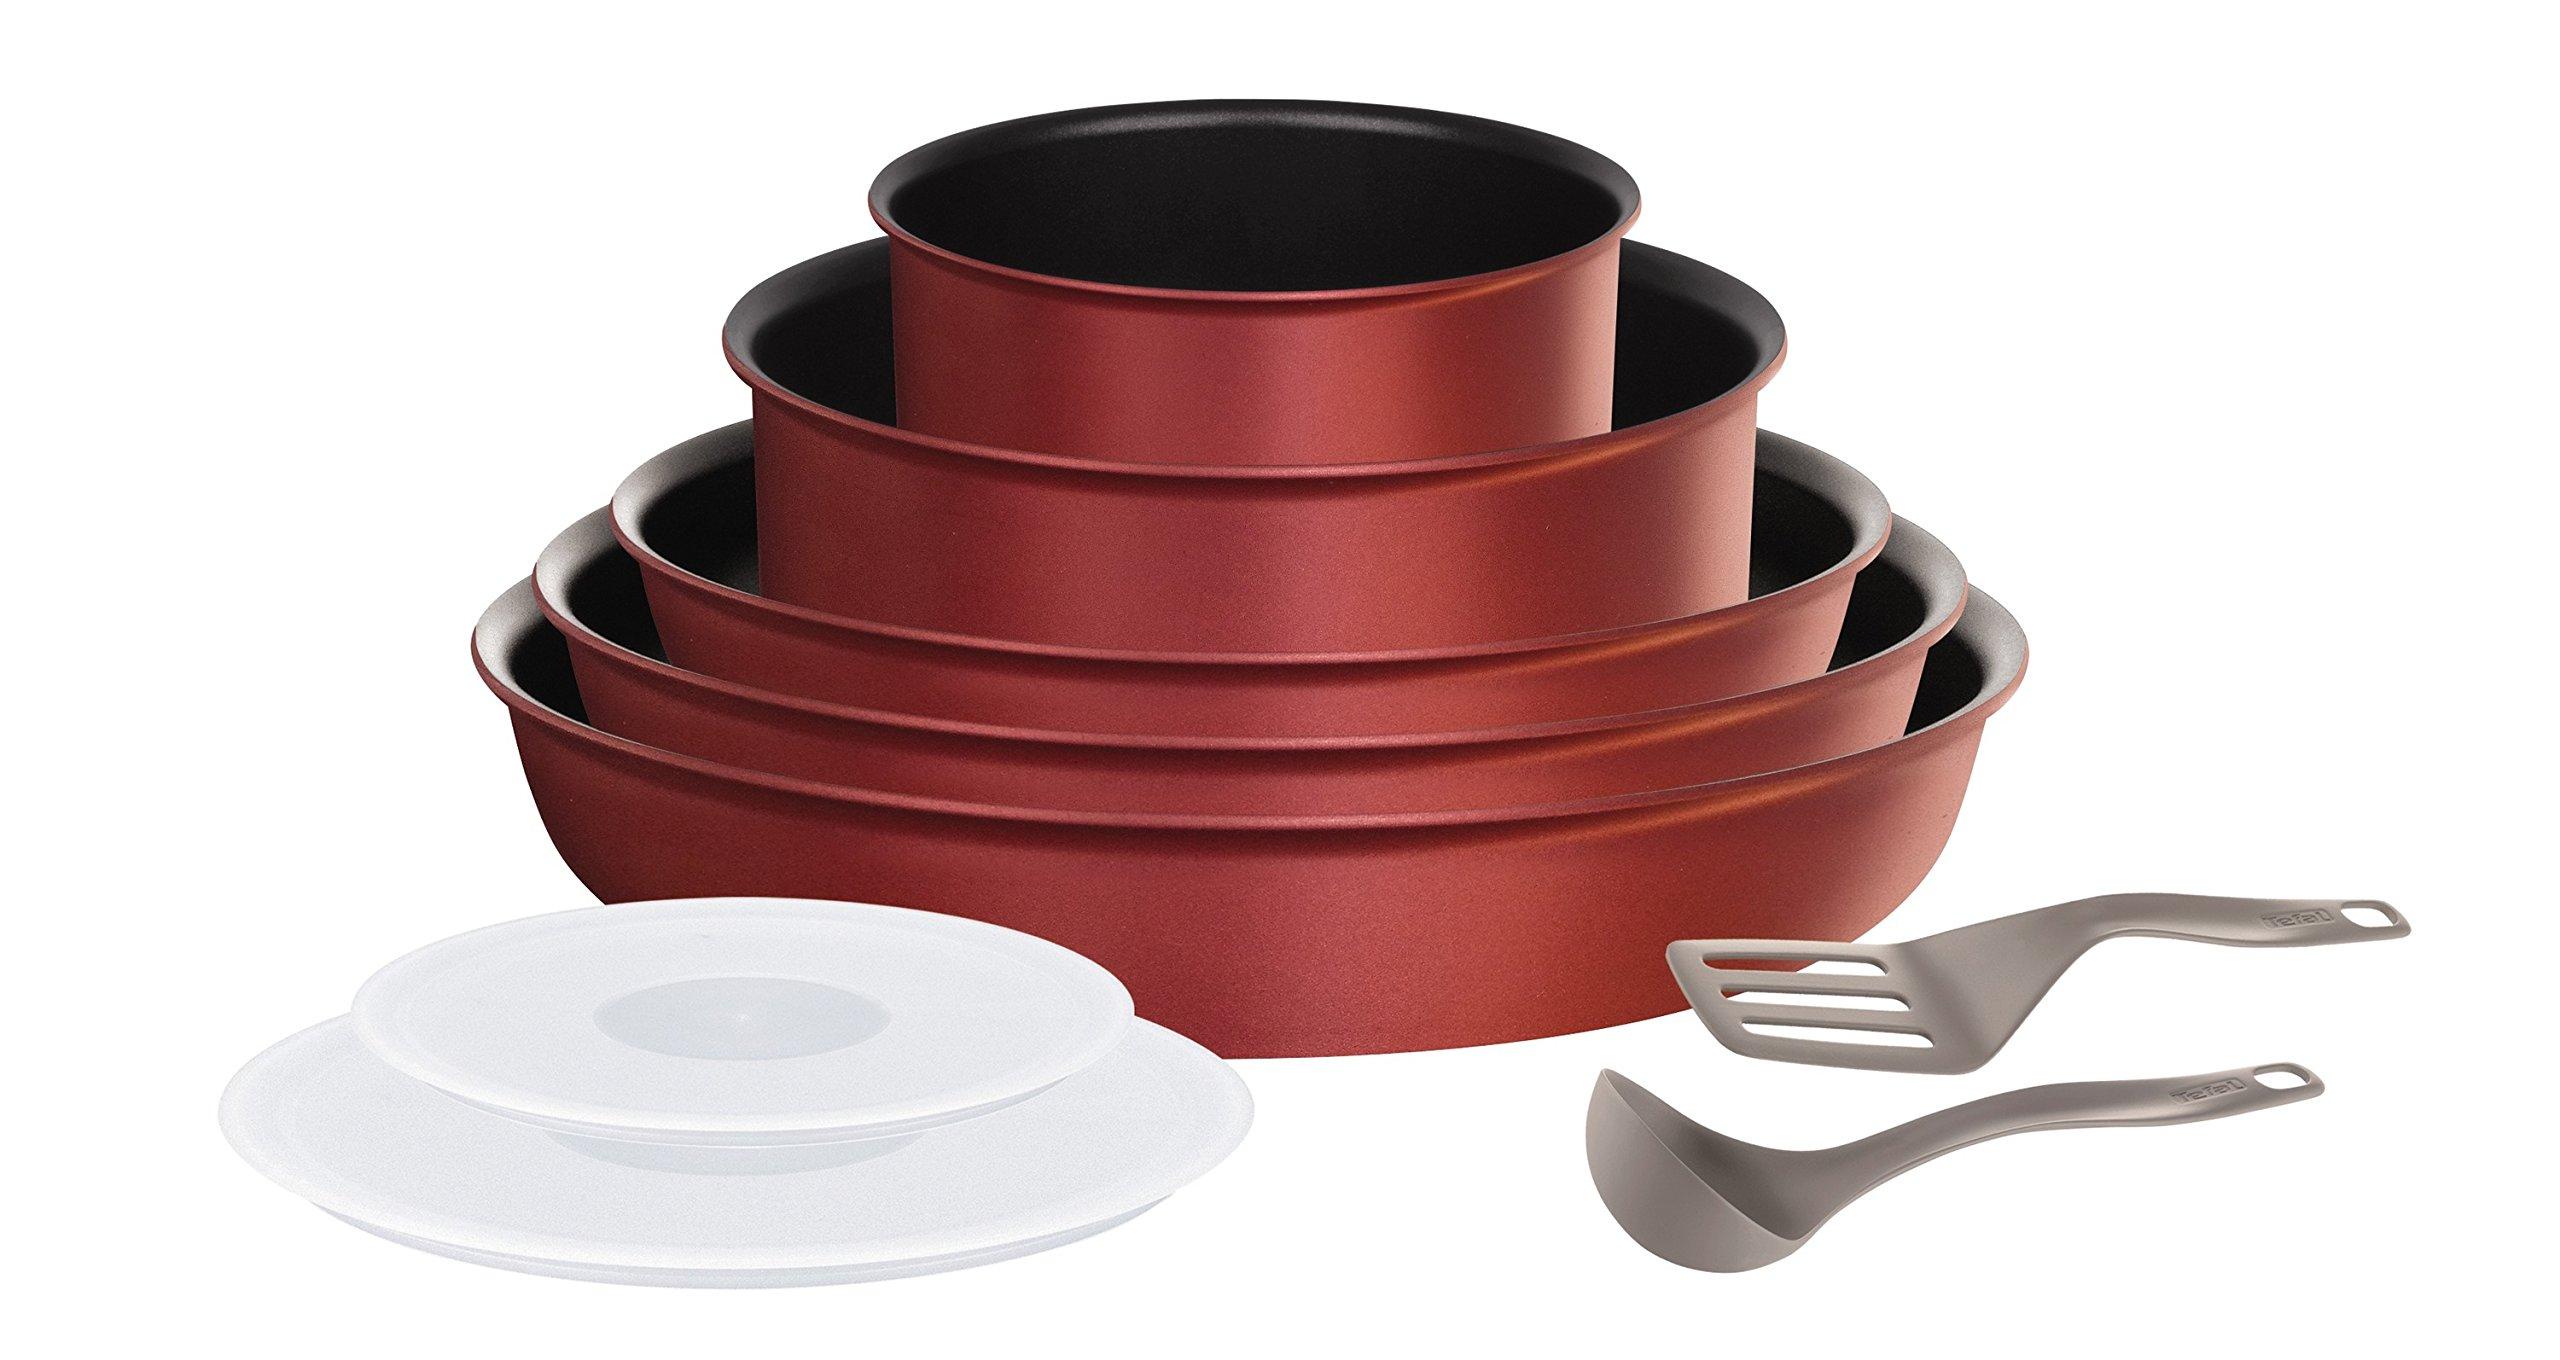 Tefal L6599303 Set de poêles et casseroles - Ingenio 5 Performance Rouge 10 Pièces - Tous feux dont induction product image